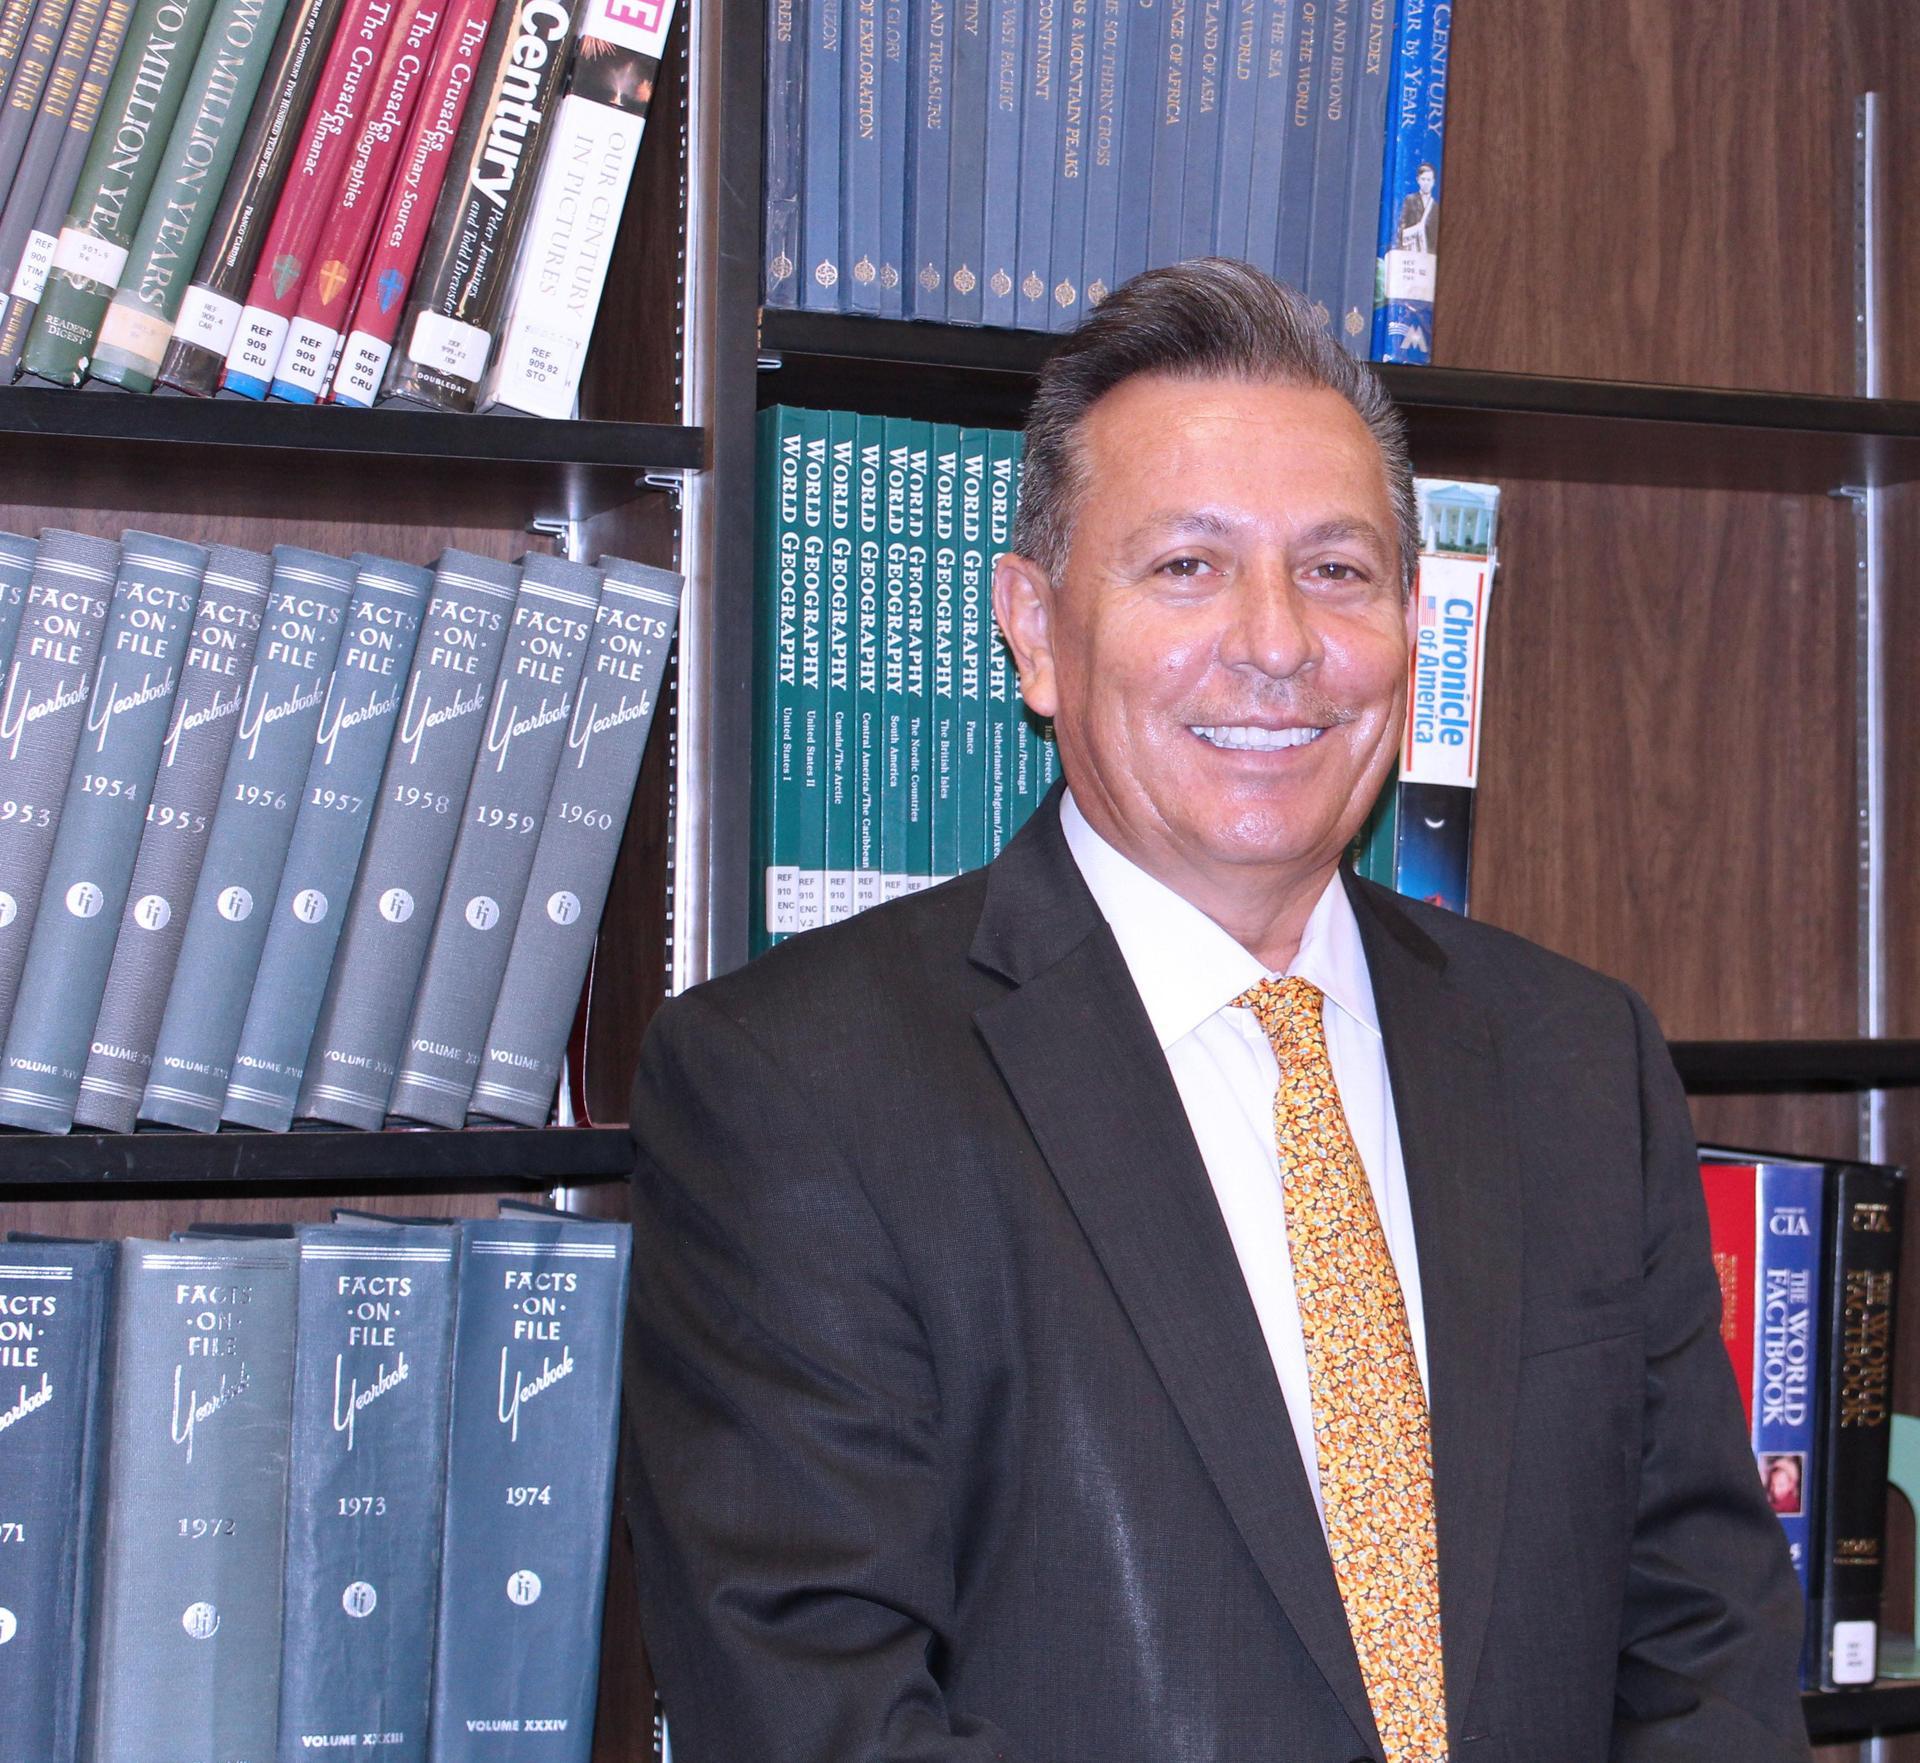 Mr. Sauceda, Principal